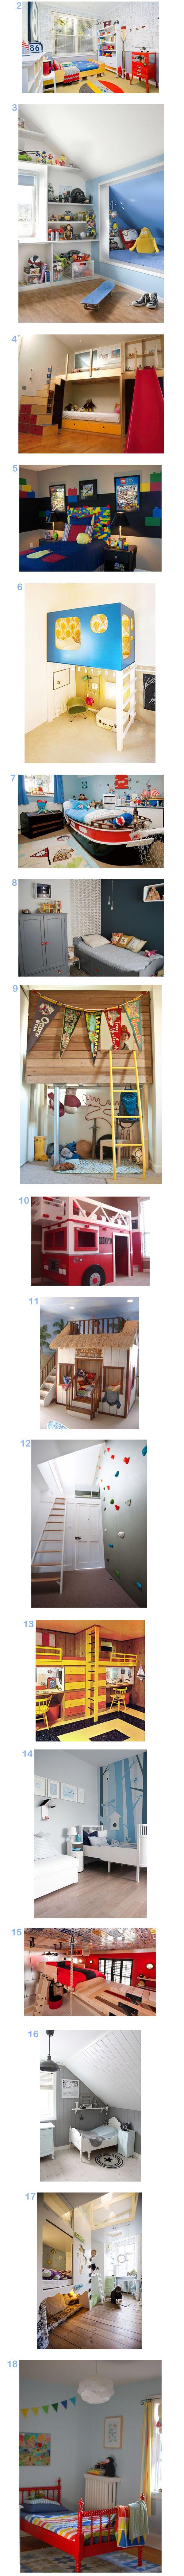 18 Boys Bedroom Ideas18 Boys, Pin Today, Boy Bedrooms, Boys Bedrooms, Boy Rooms, Random Pin, Boys Room, Bedrooms Ideas, Bedroom Ideas